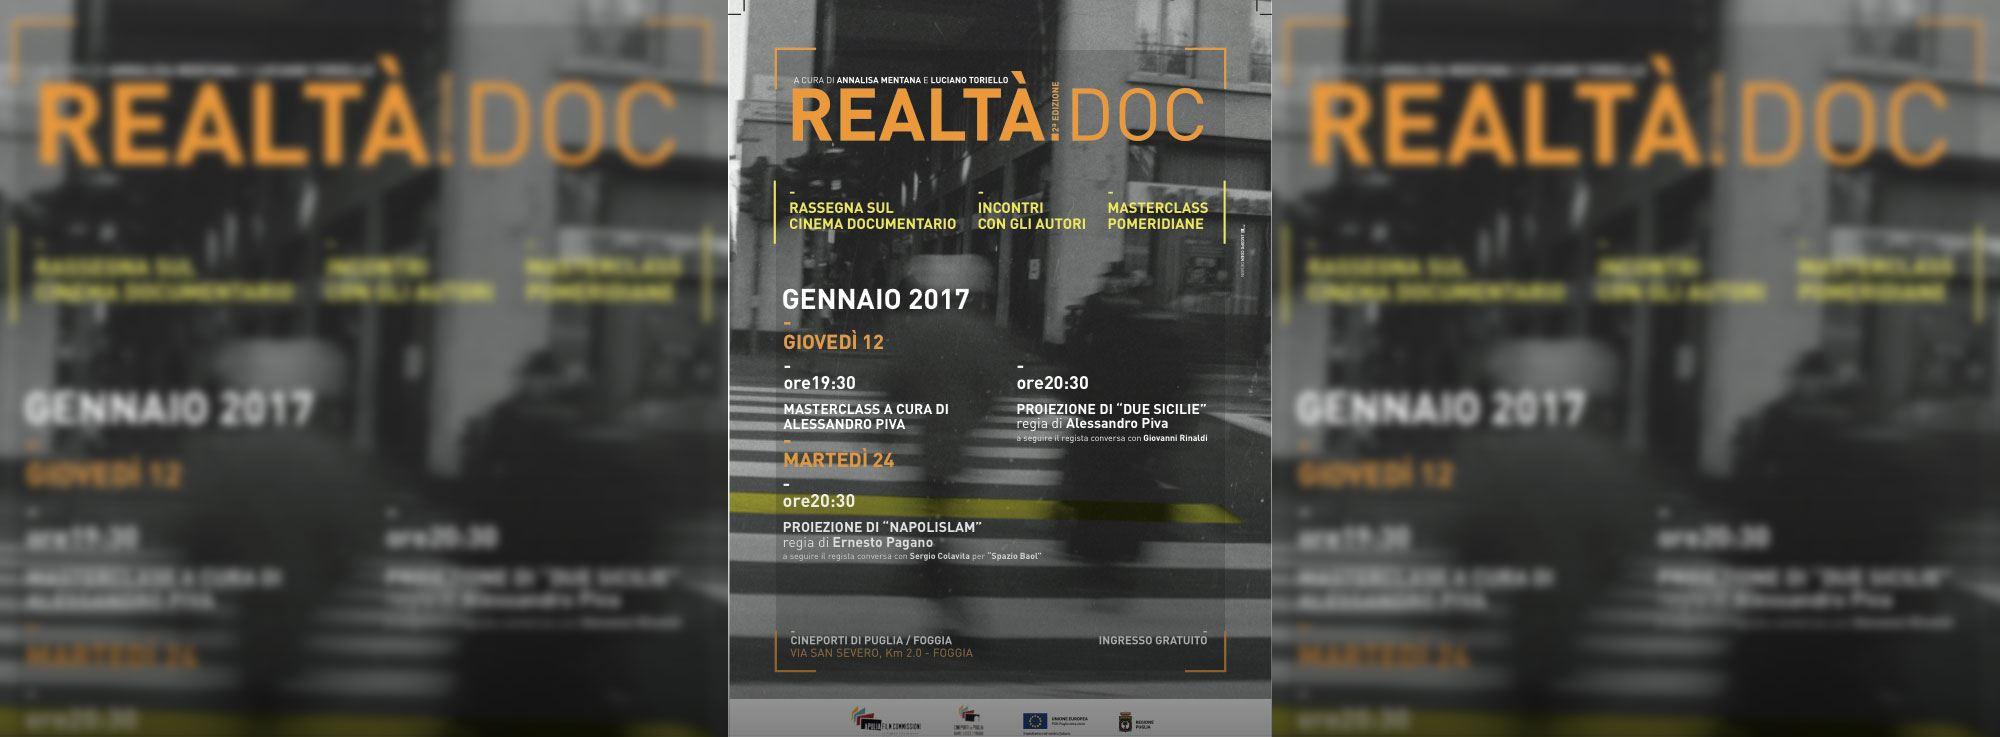 Foggia: Realtà.doc, la rassegna sul cinema documentario